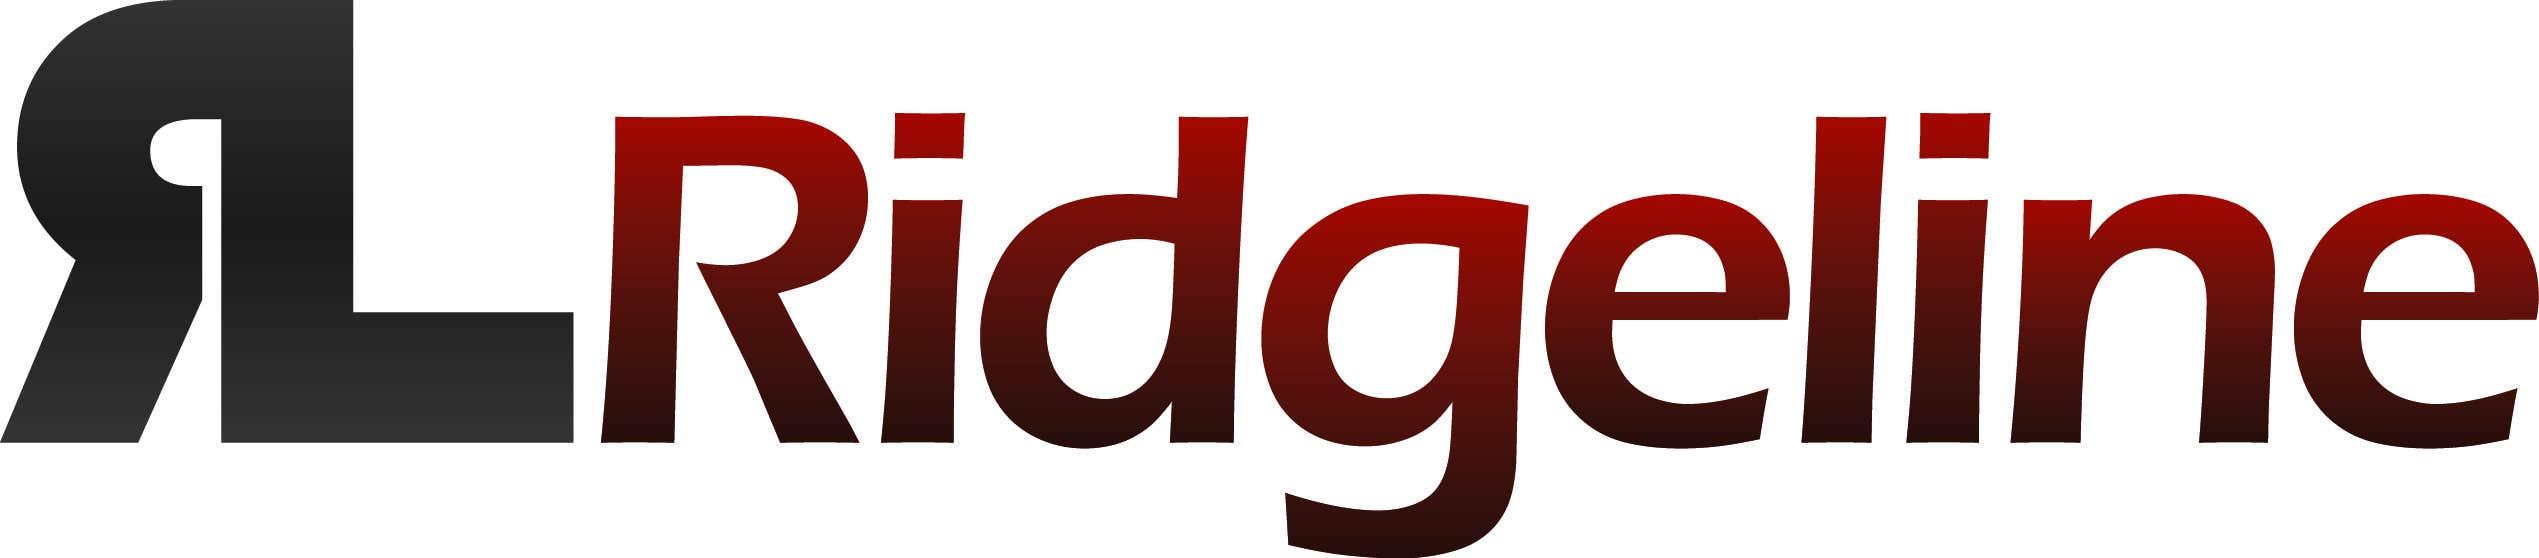 Penyertaan Peraduan #1 untuk Design a Logo for hydration packs